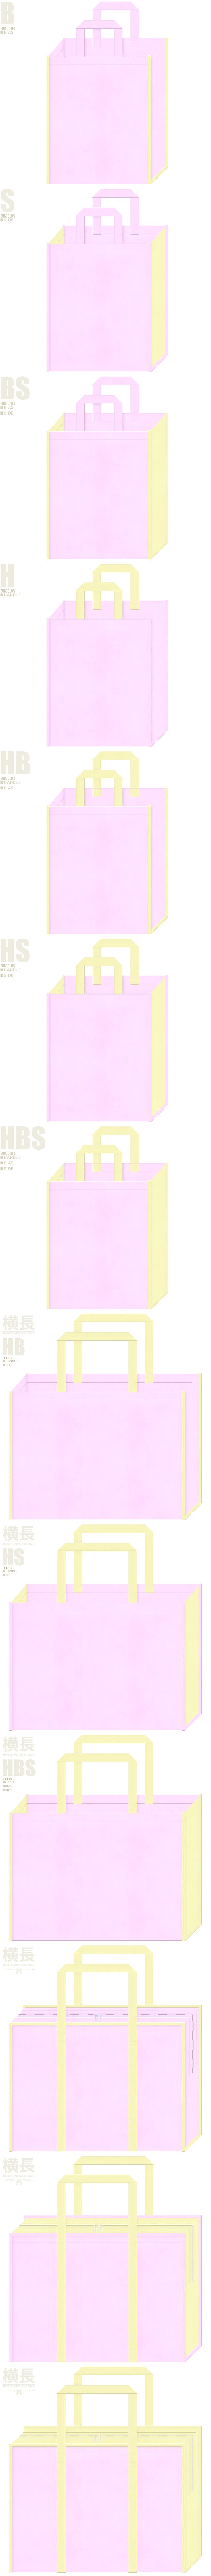 明るめのピンク色と薄黄色、7パターンの不織布トートバッグ配色デザイン例。保育セミナーの資料配布用バッグ、ひな祭りのバッグノベルティにお奨めです。